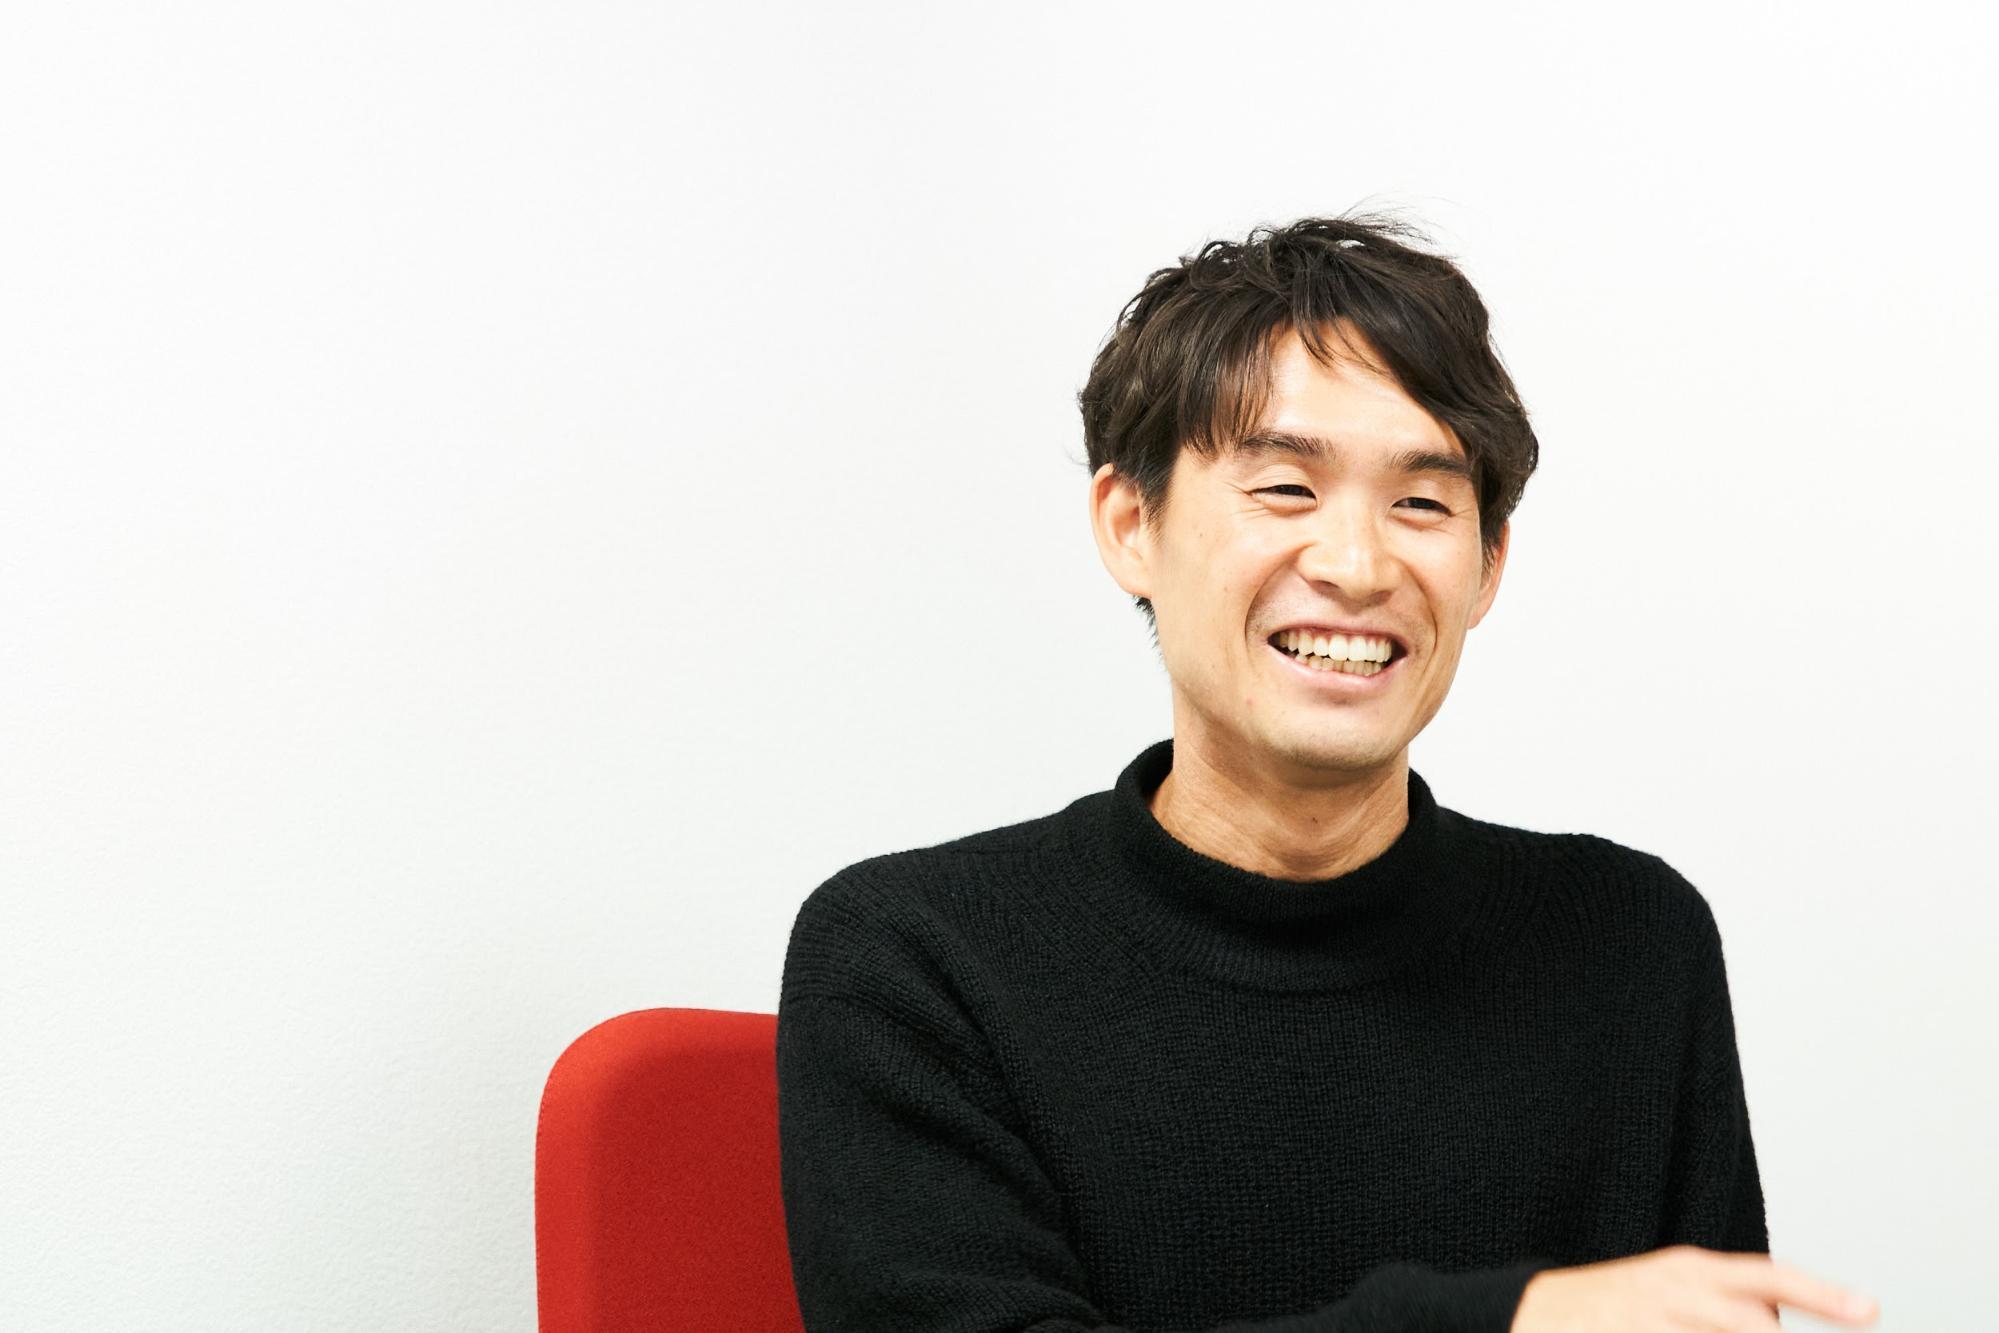 横田 真人 氏 TWOLAPS TRACK CLUB代表兼コーチ、合同会社TWOLAPS CEO